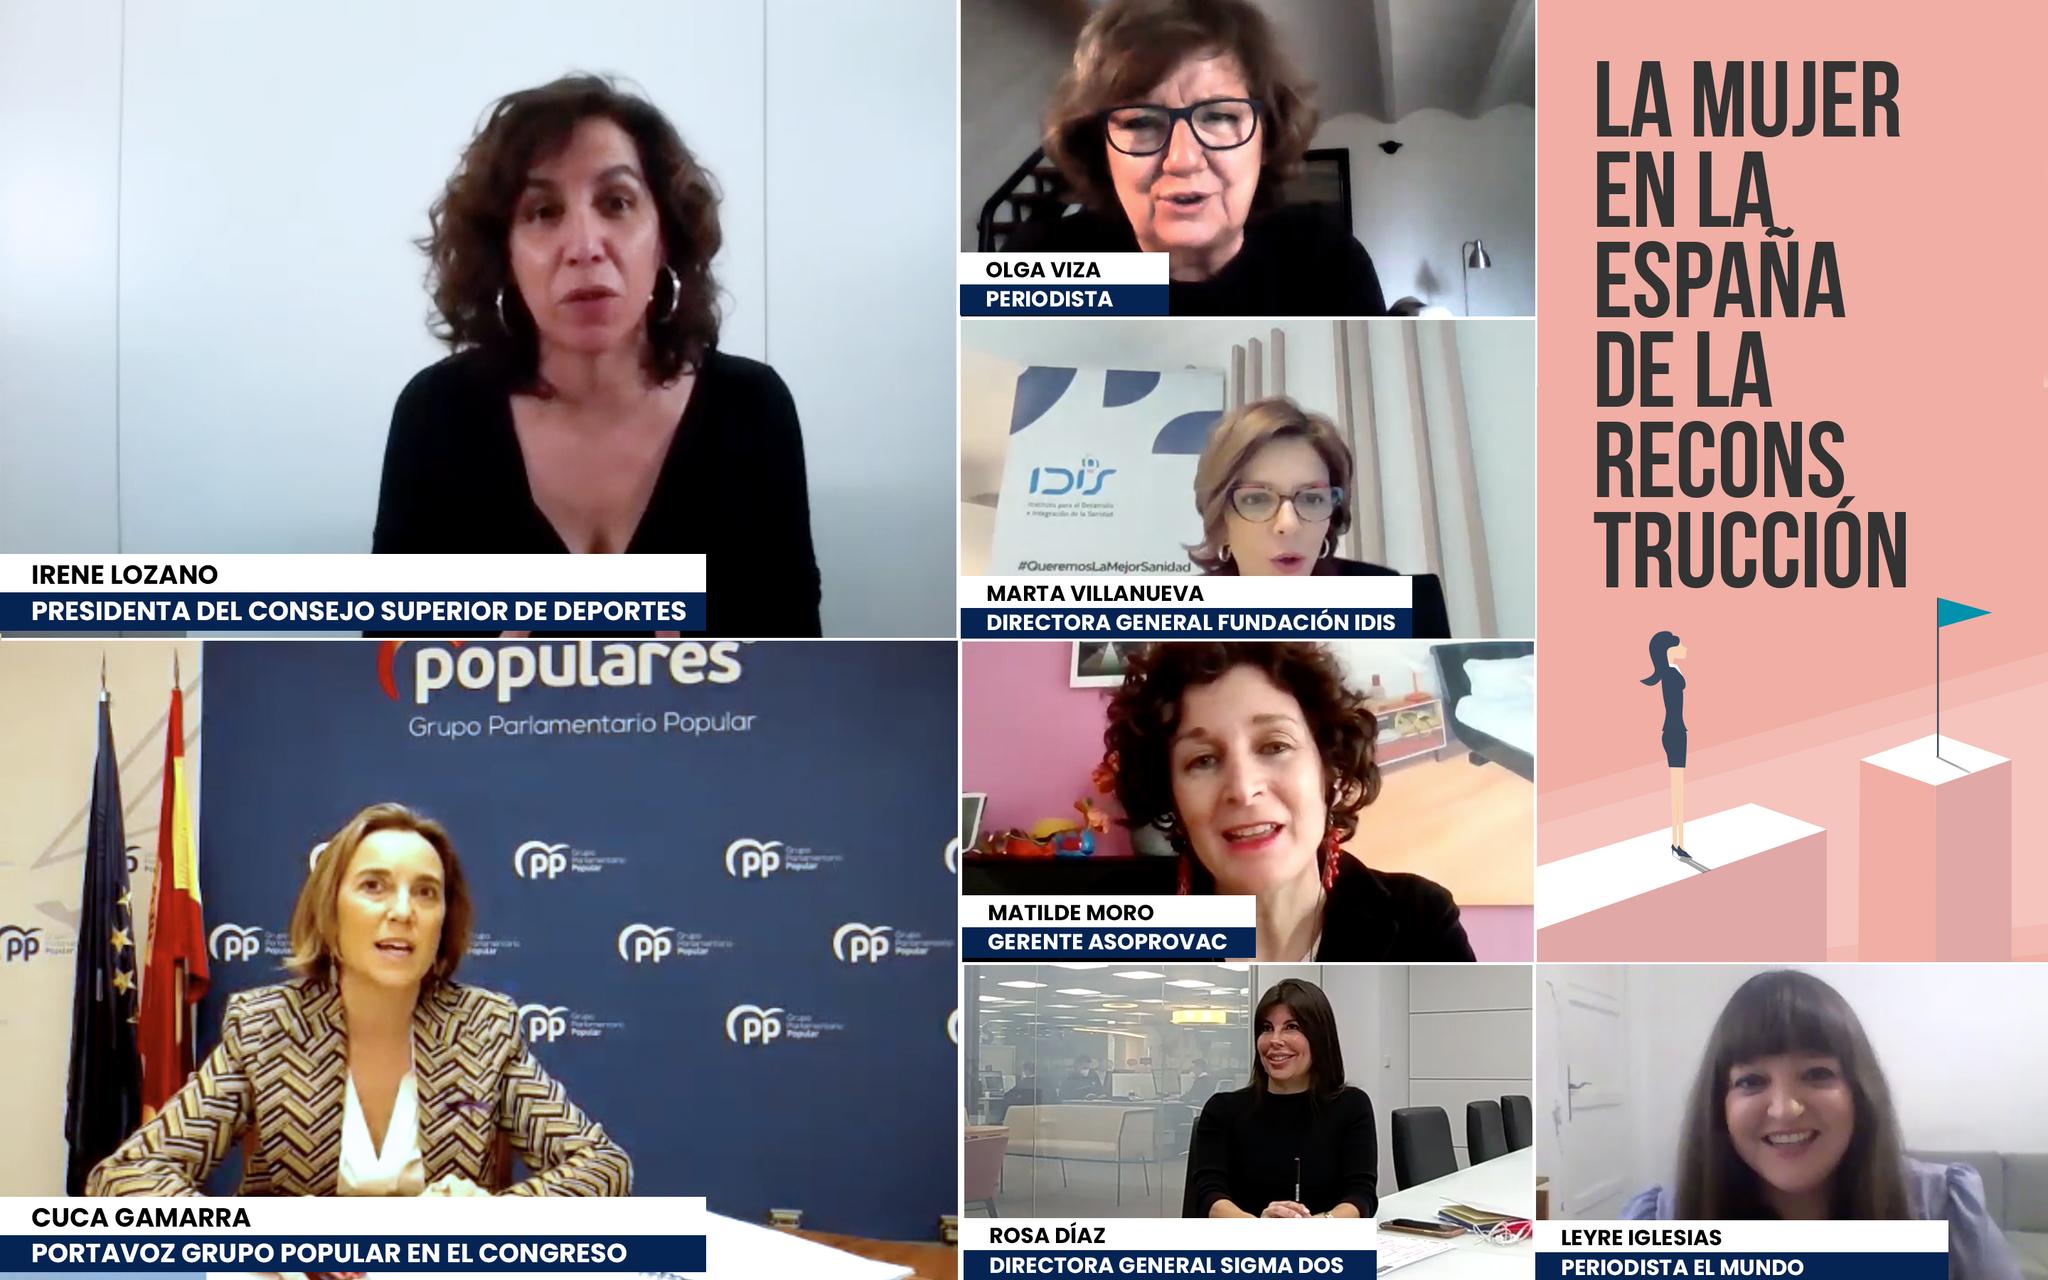 Encuentro digital moderado por la periodista Leyre Iglesias